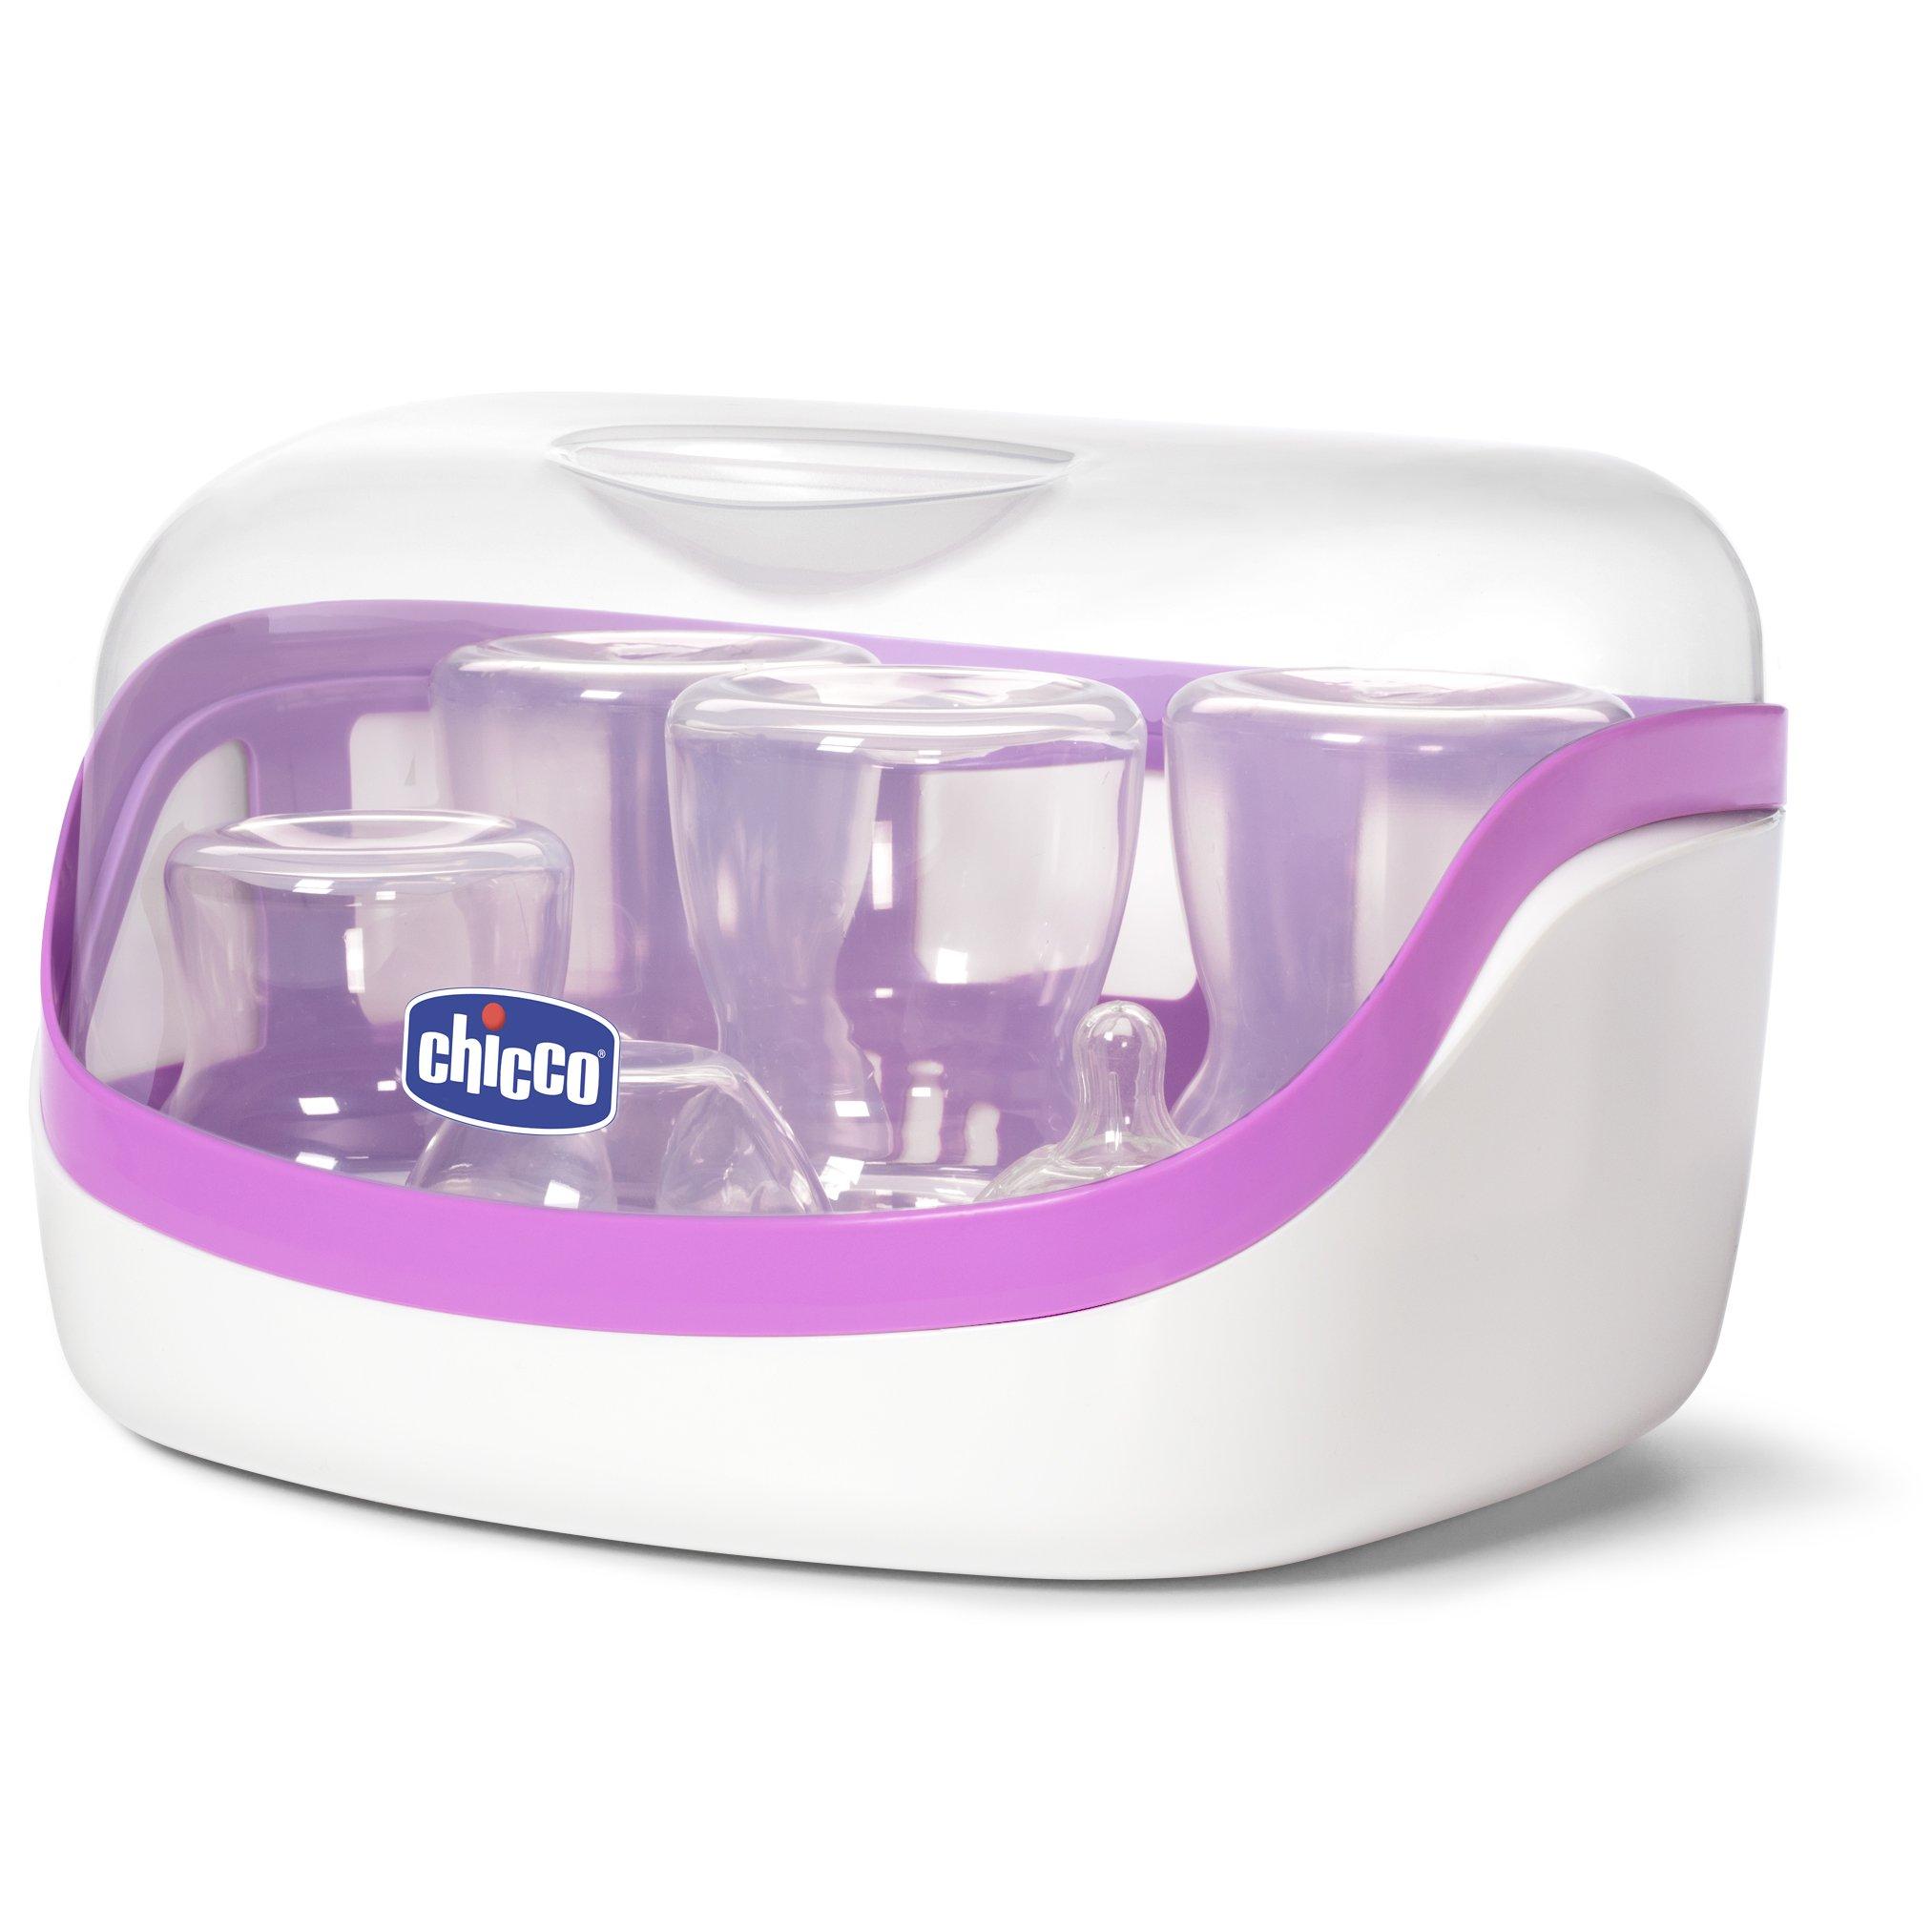 Chicco Microwave Steam Sterilizer